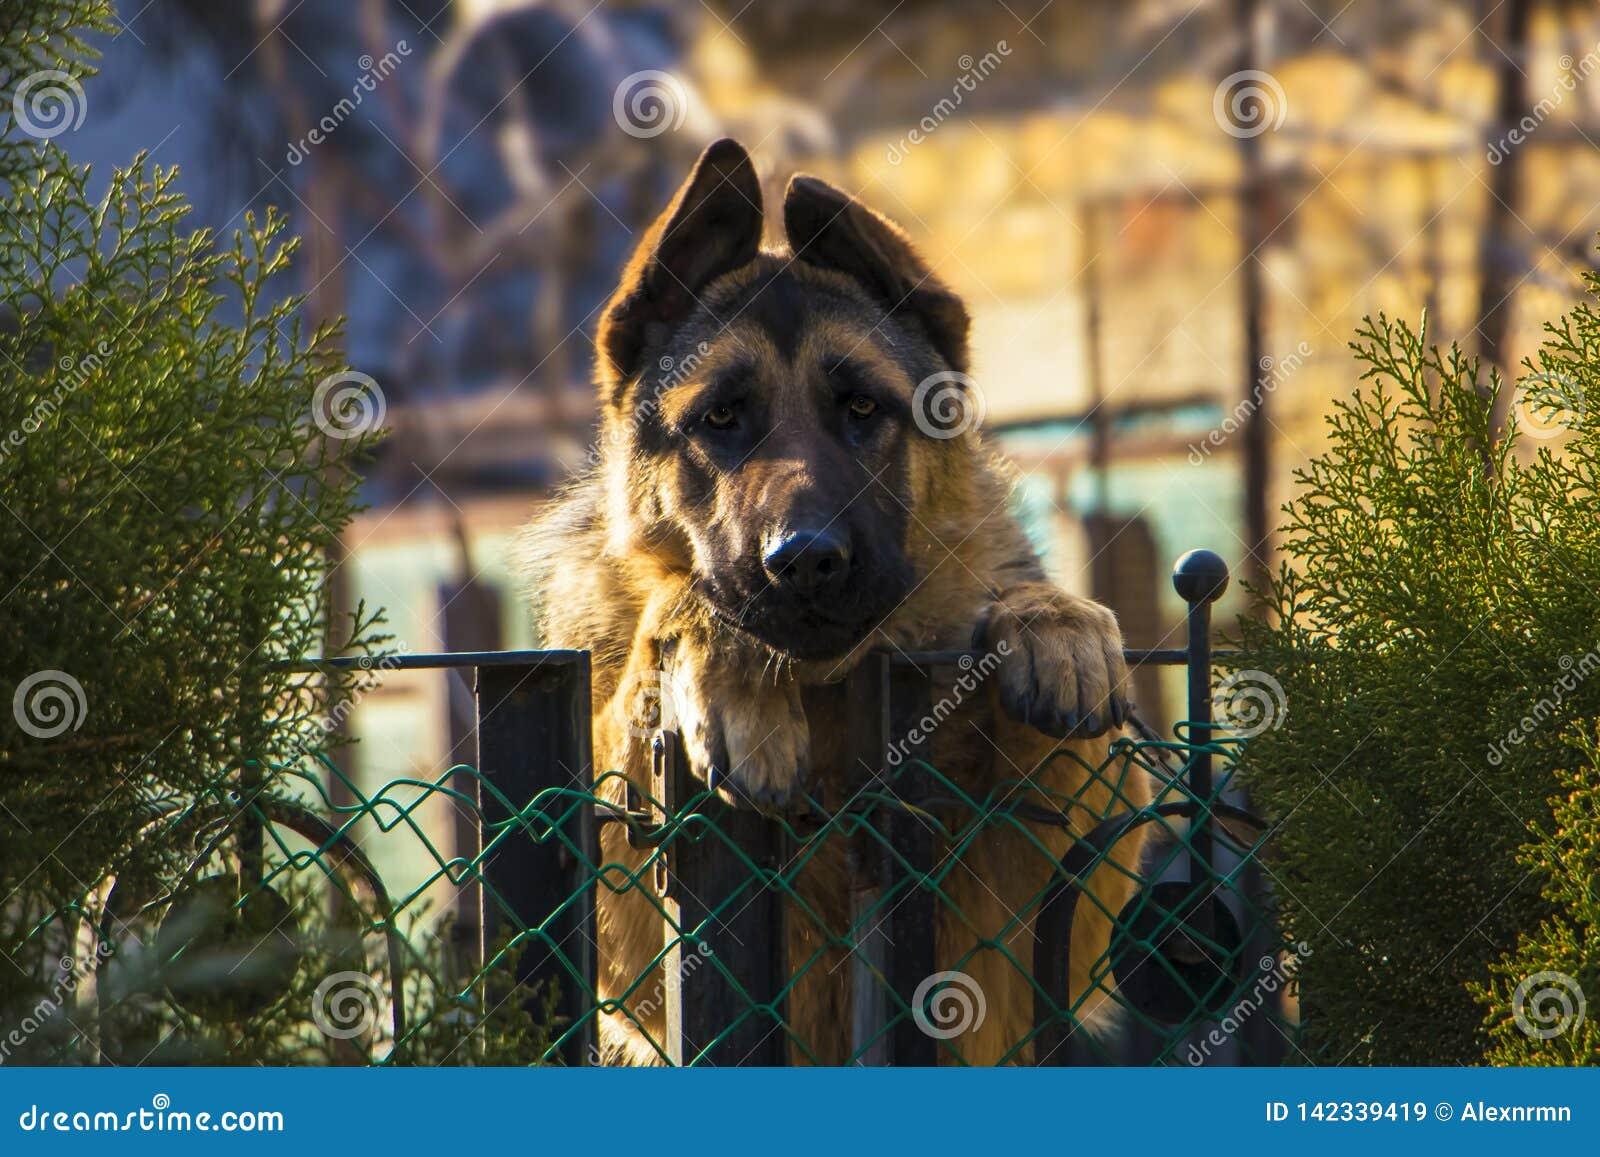 Ein trauriger Hund wartet auf seinen Meister